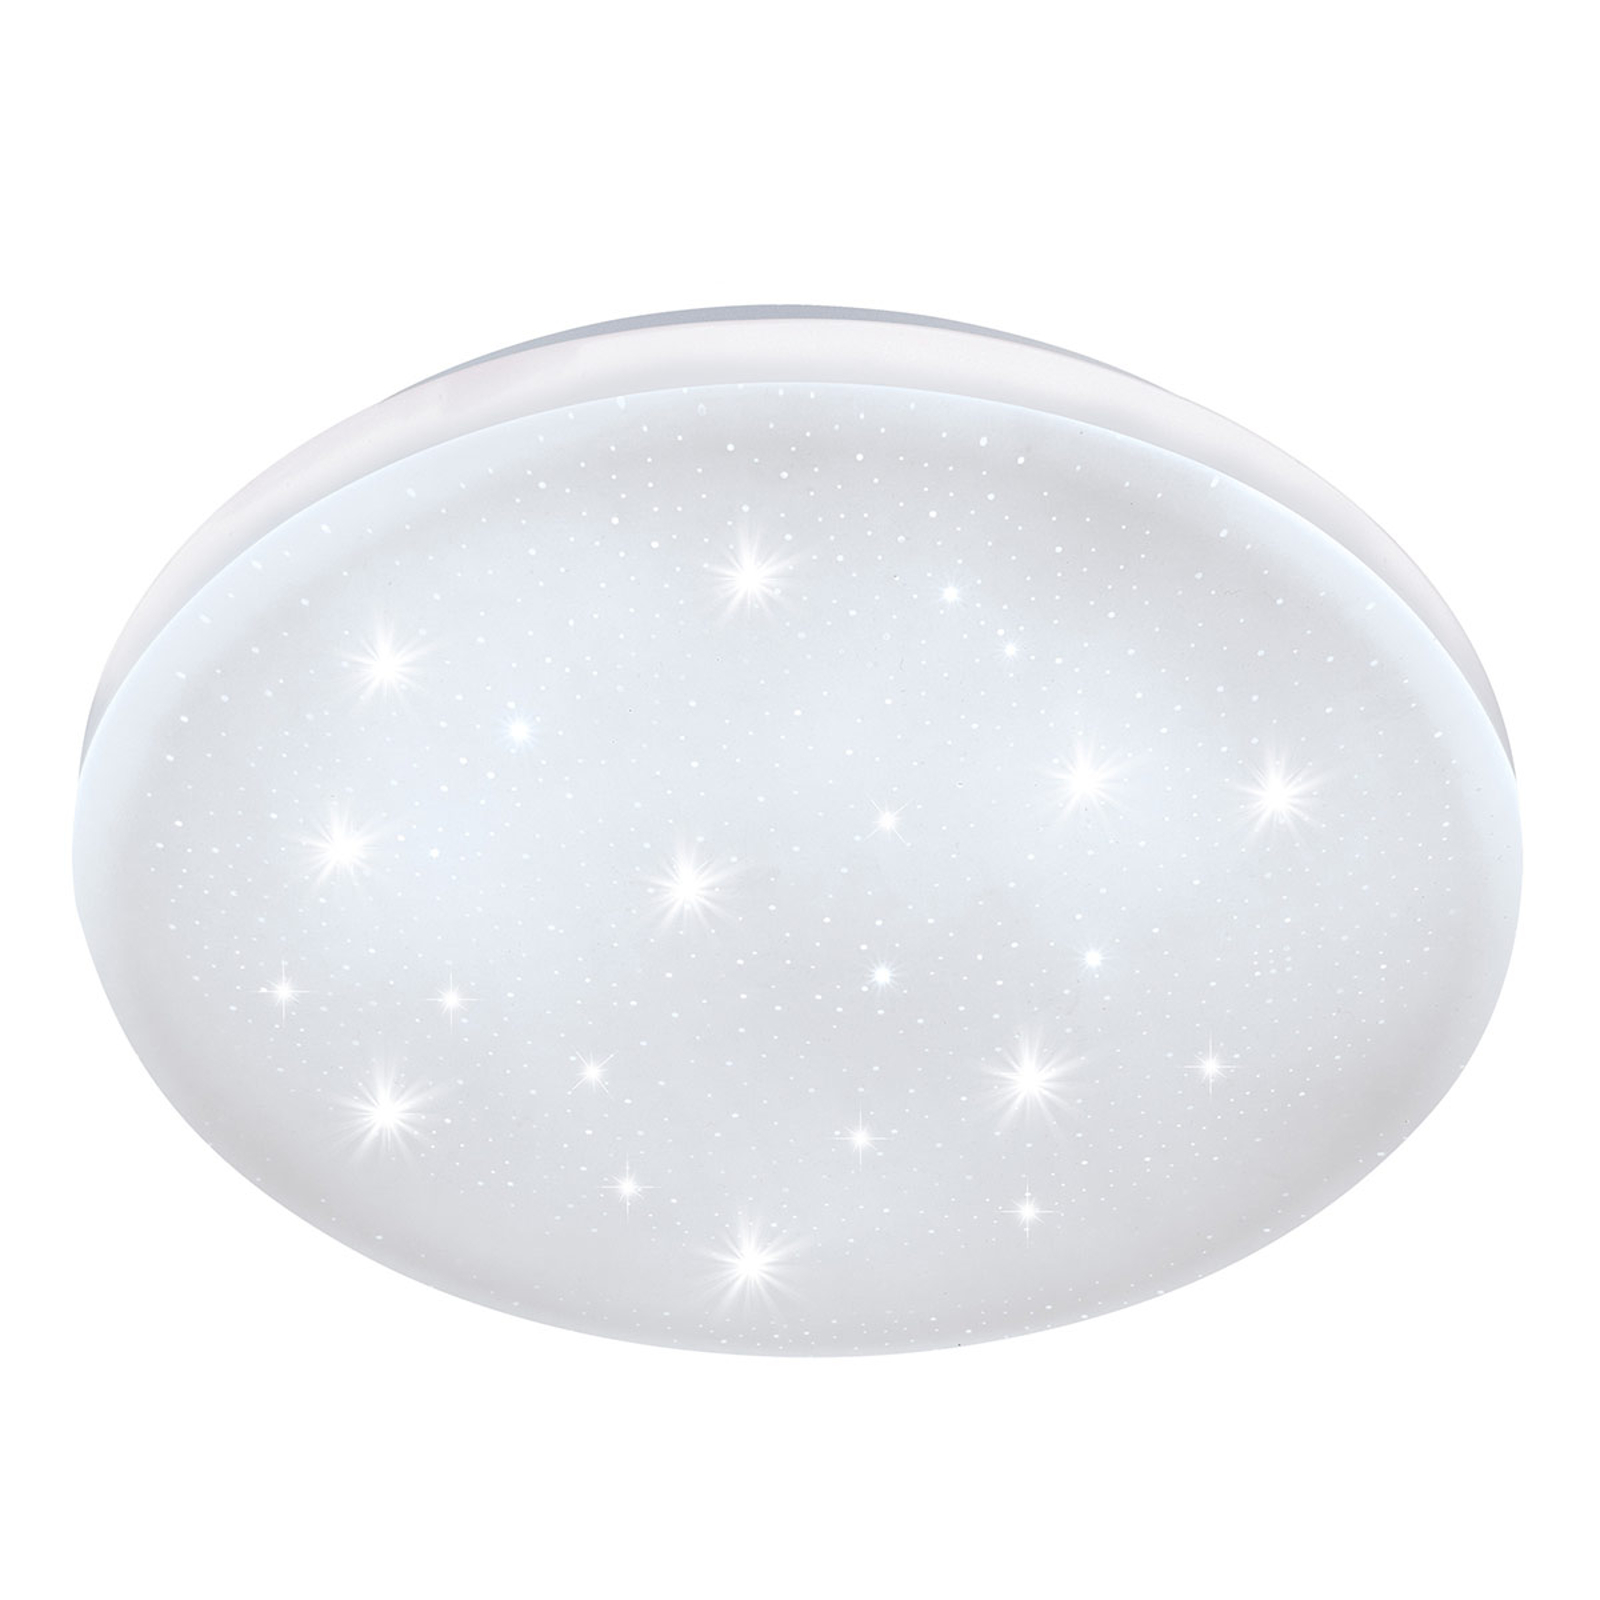 LED-taklampe Frania-S med krystalleffekt Ø28 cm